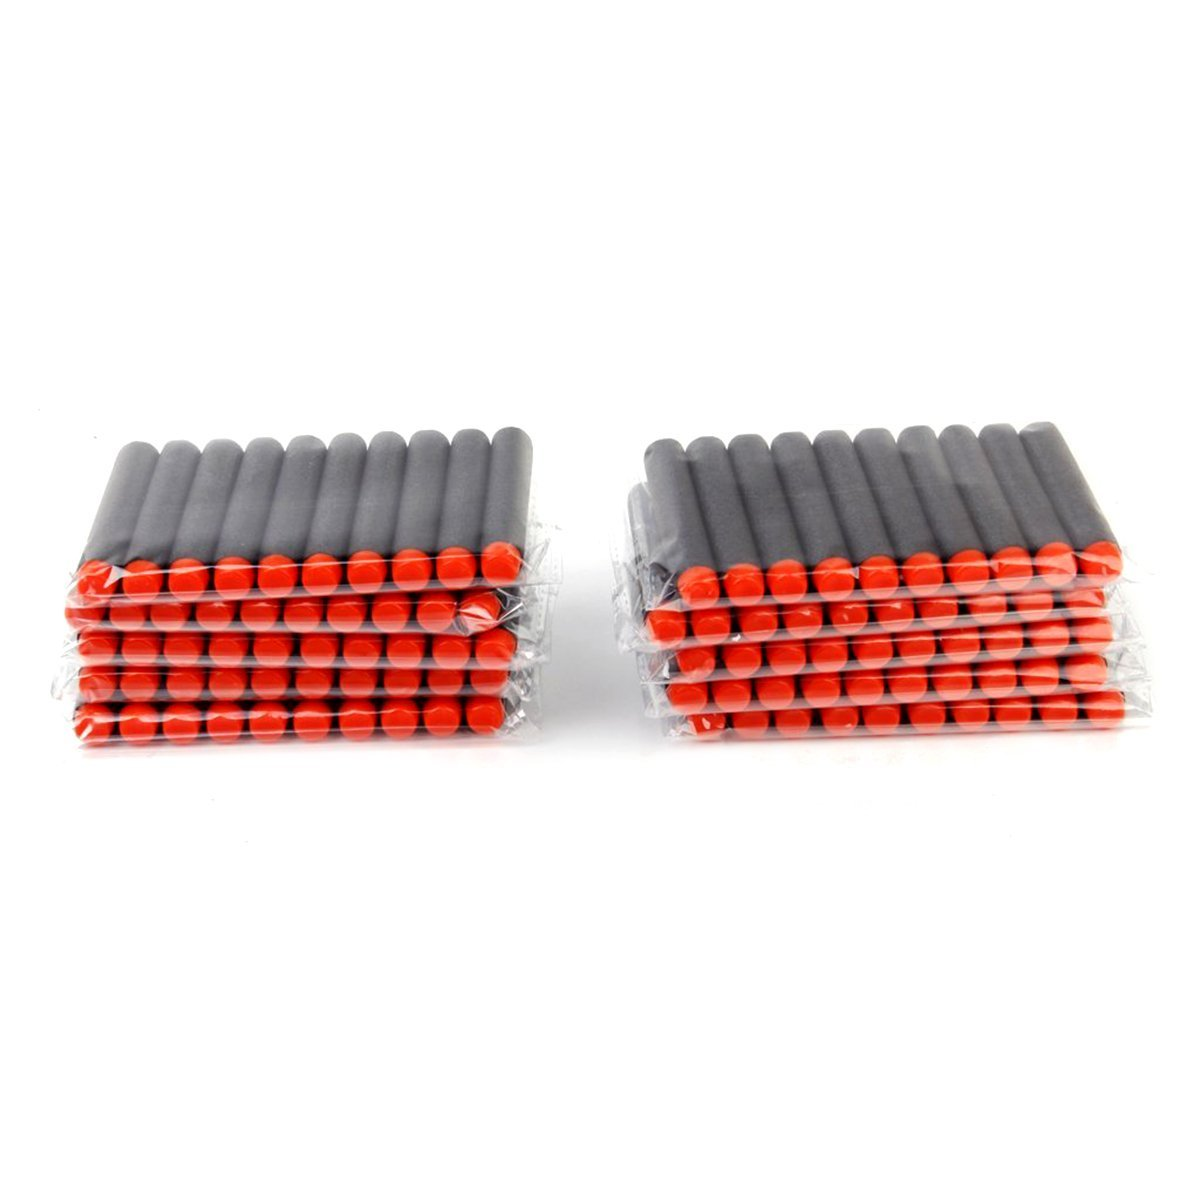 Rosenice 100pcs 7.2cm Foam Darts for Nerf N-strike Elite Toy Gun (Black)